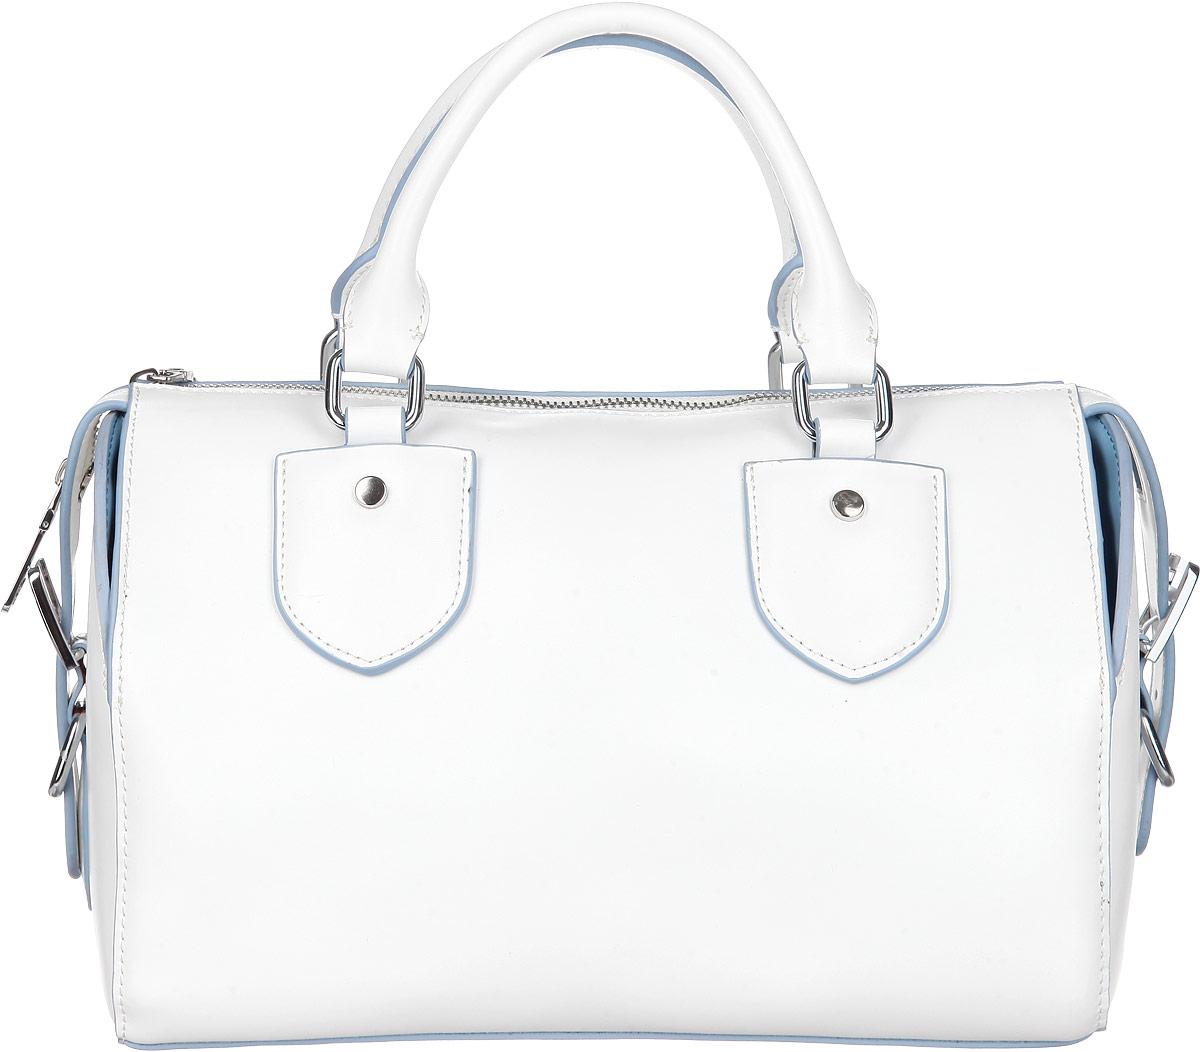 Сумка женская Calipso, цвет: белый, голубой. 019-620986-172S76245Изысканная женская сумка Calipso выполнена из натуральной кожи. Сумка закрывается на замок-молнию. Удобные ручки крепятся к корпусу сумки на металлическую фурнитуру серебристого цвета. Внутри одно отделение. Вместительное внутреннее отделение содержит два накладных кармана для телефона и мелких принадлежностей и врезной карман на молнии. Снаружи на задней стенке сумки размещен вшитый карман на молнии. Сумка оснащена съемным плечевым ремнем регулируемой длины, который позволит носить изделие как в руках, так и на плече. Сумка выполнена в оригинальном дизайне, по бокам декорирована оригинальными ремешками. Дно дополнено металлическими ножками, защищающими изделие от повреждений. Практичная и стильная сумка прекрасно завершит ваш образ.